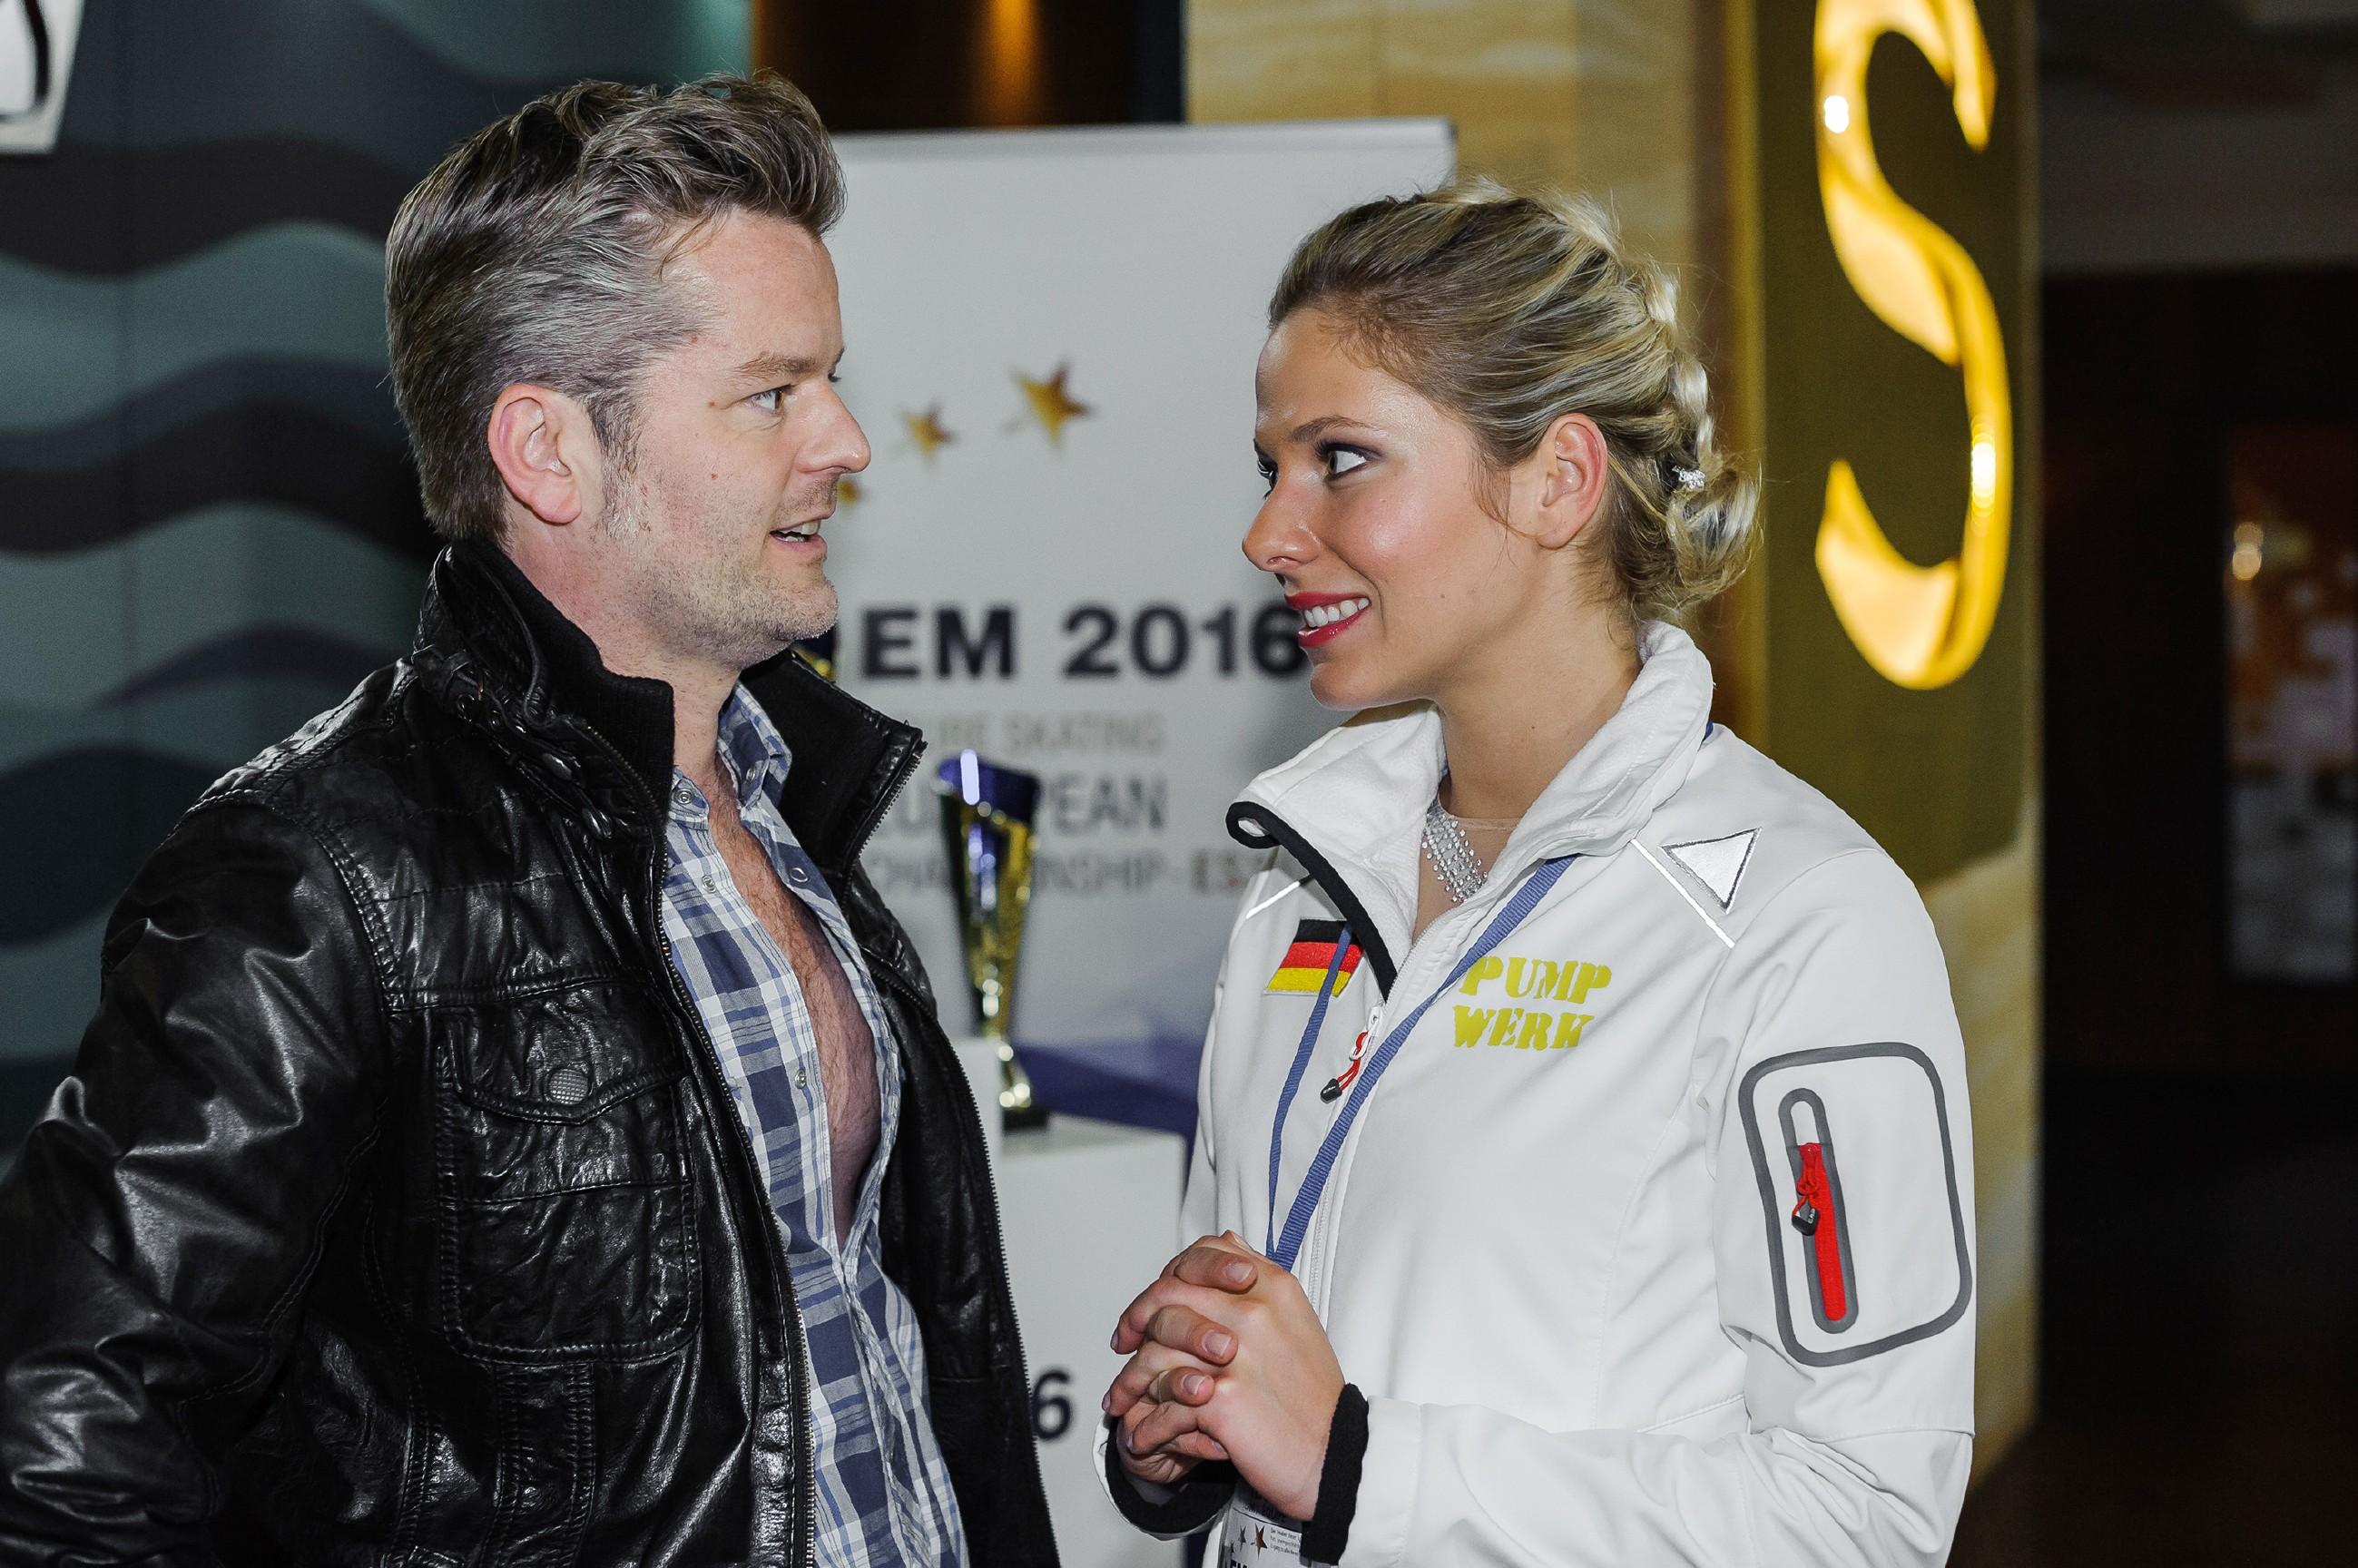 Marie (Cheyenne Pahde) zeigt sich Ingo (André Dietz) gegenüber zuversichtlich, für die EM gut vorbereitet zu sein. (Quelle: RTL / Julia Feldhagen)